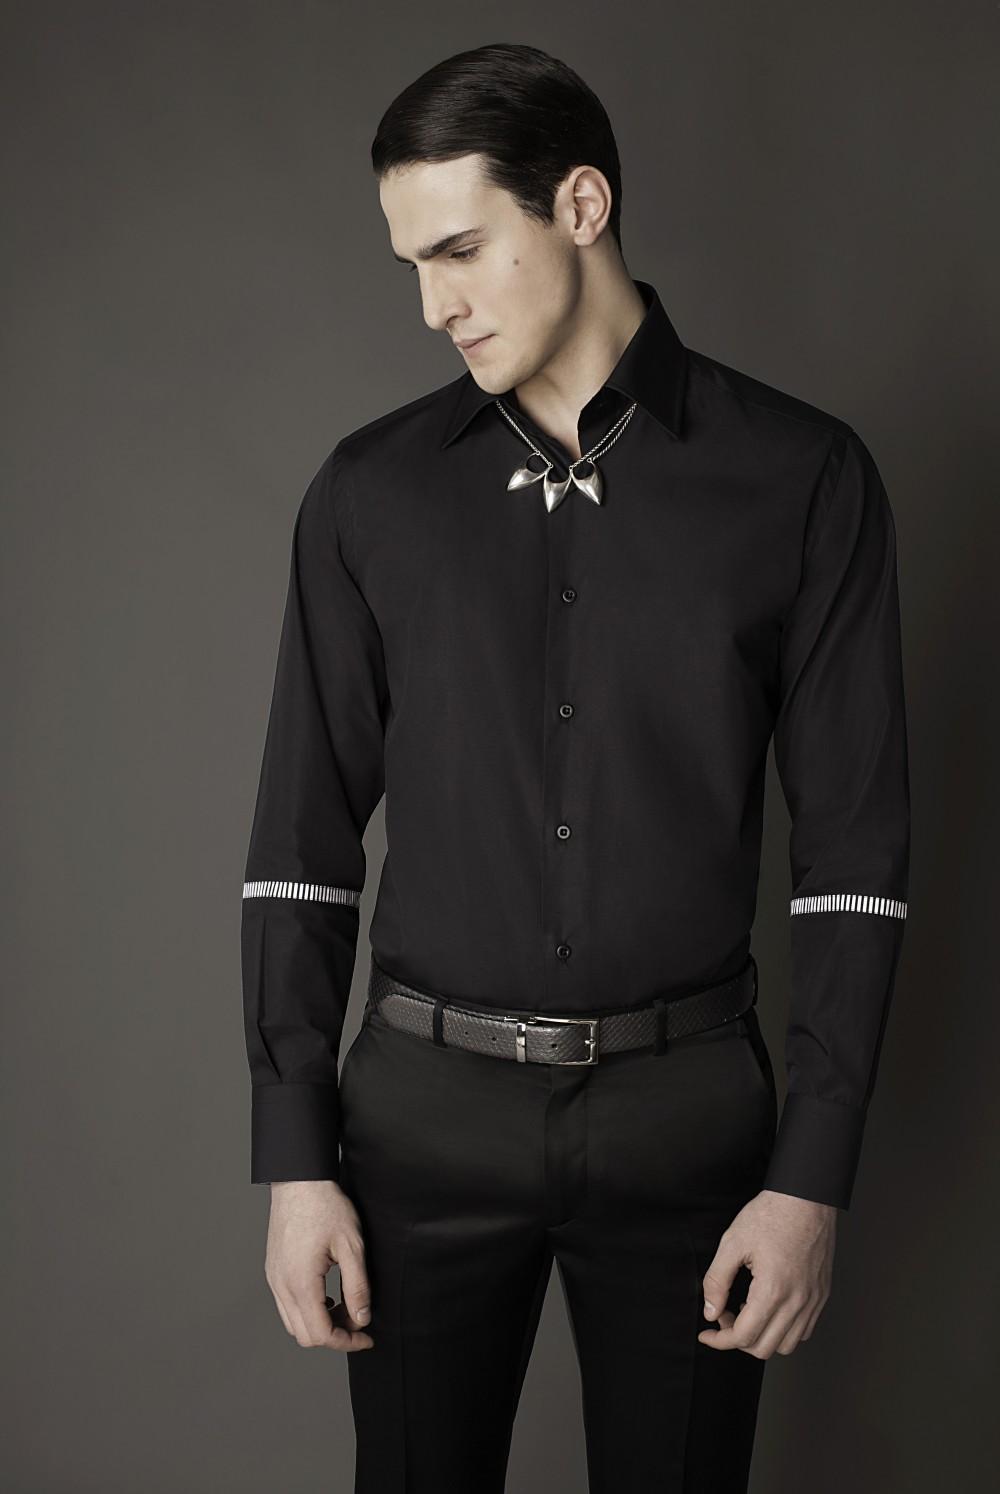 Colour: Black - B/w  Fabric: Cotton - Striped cotton